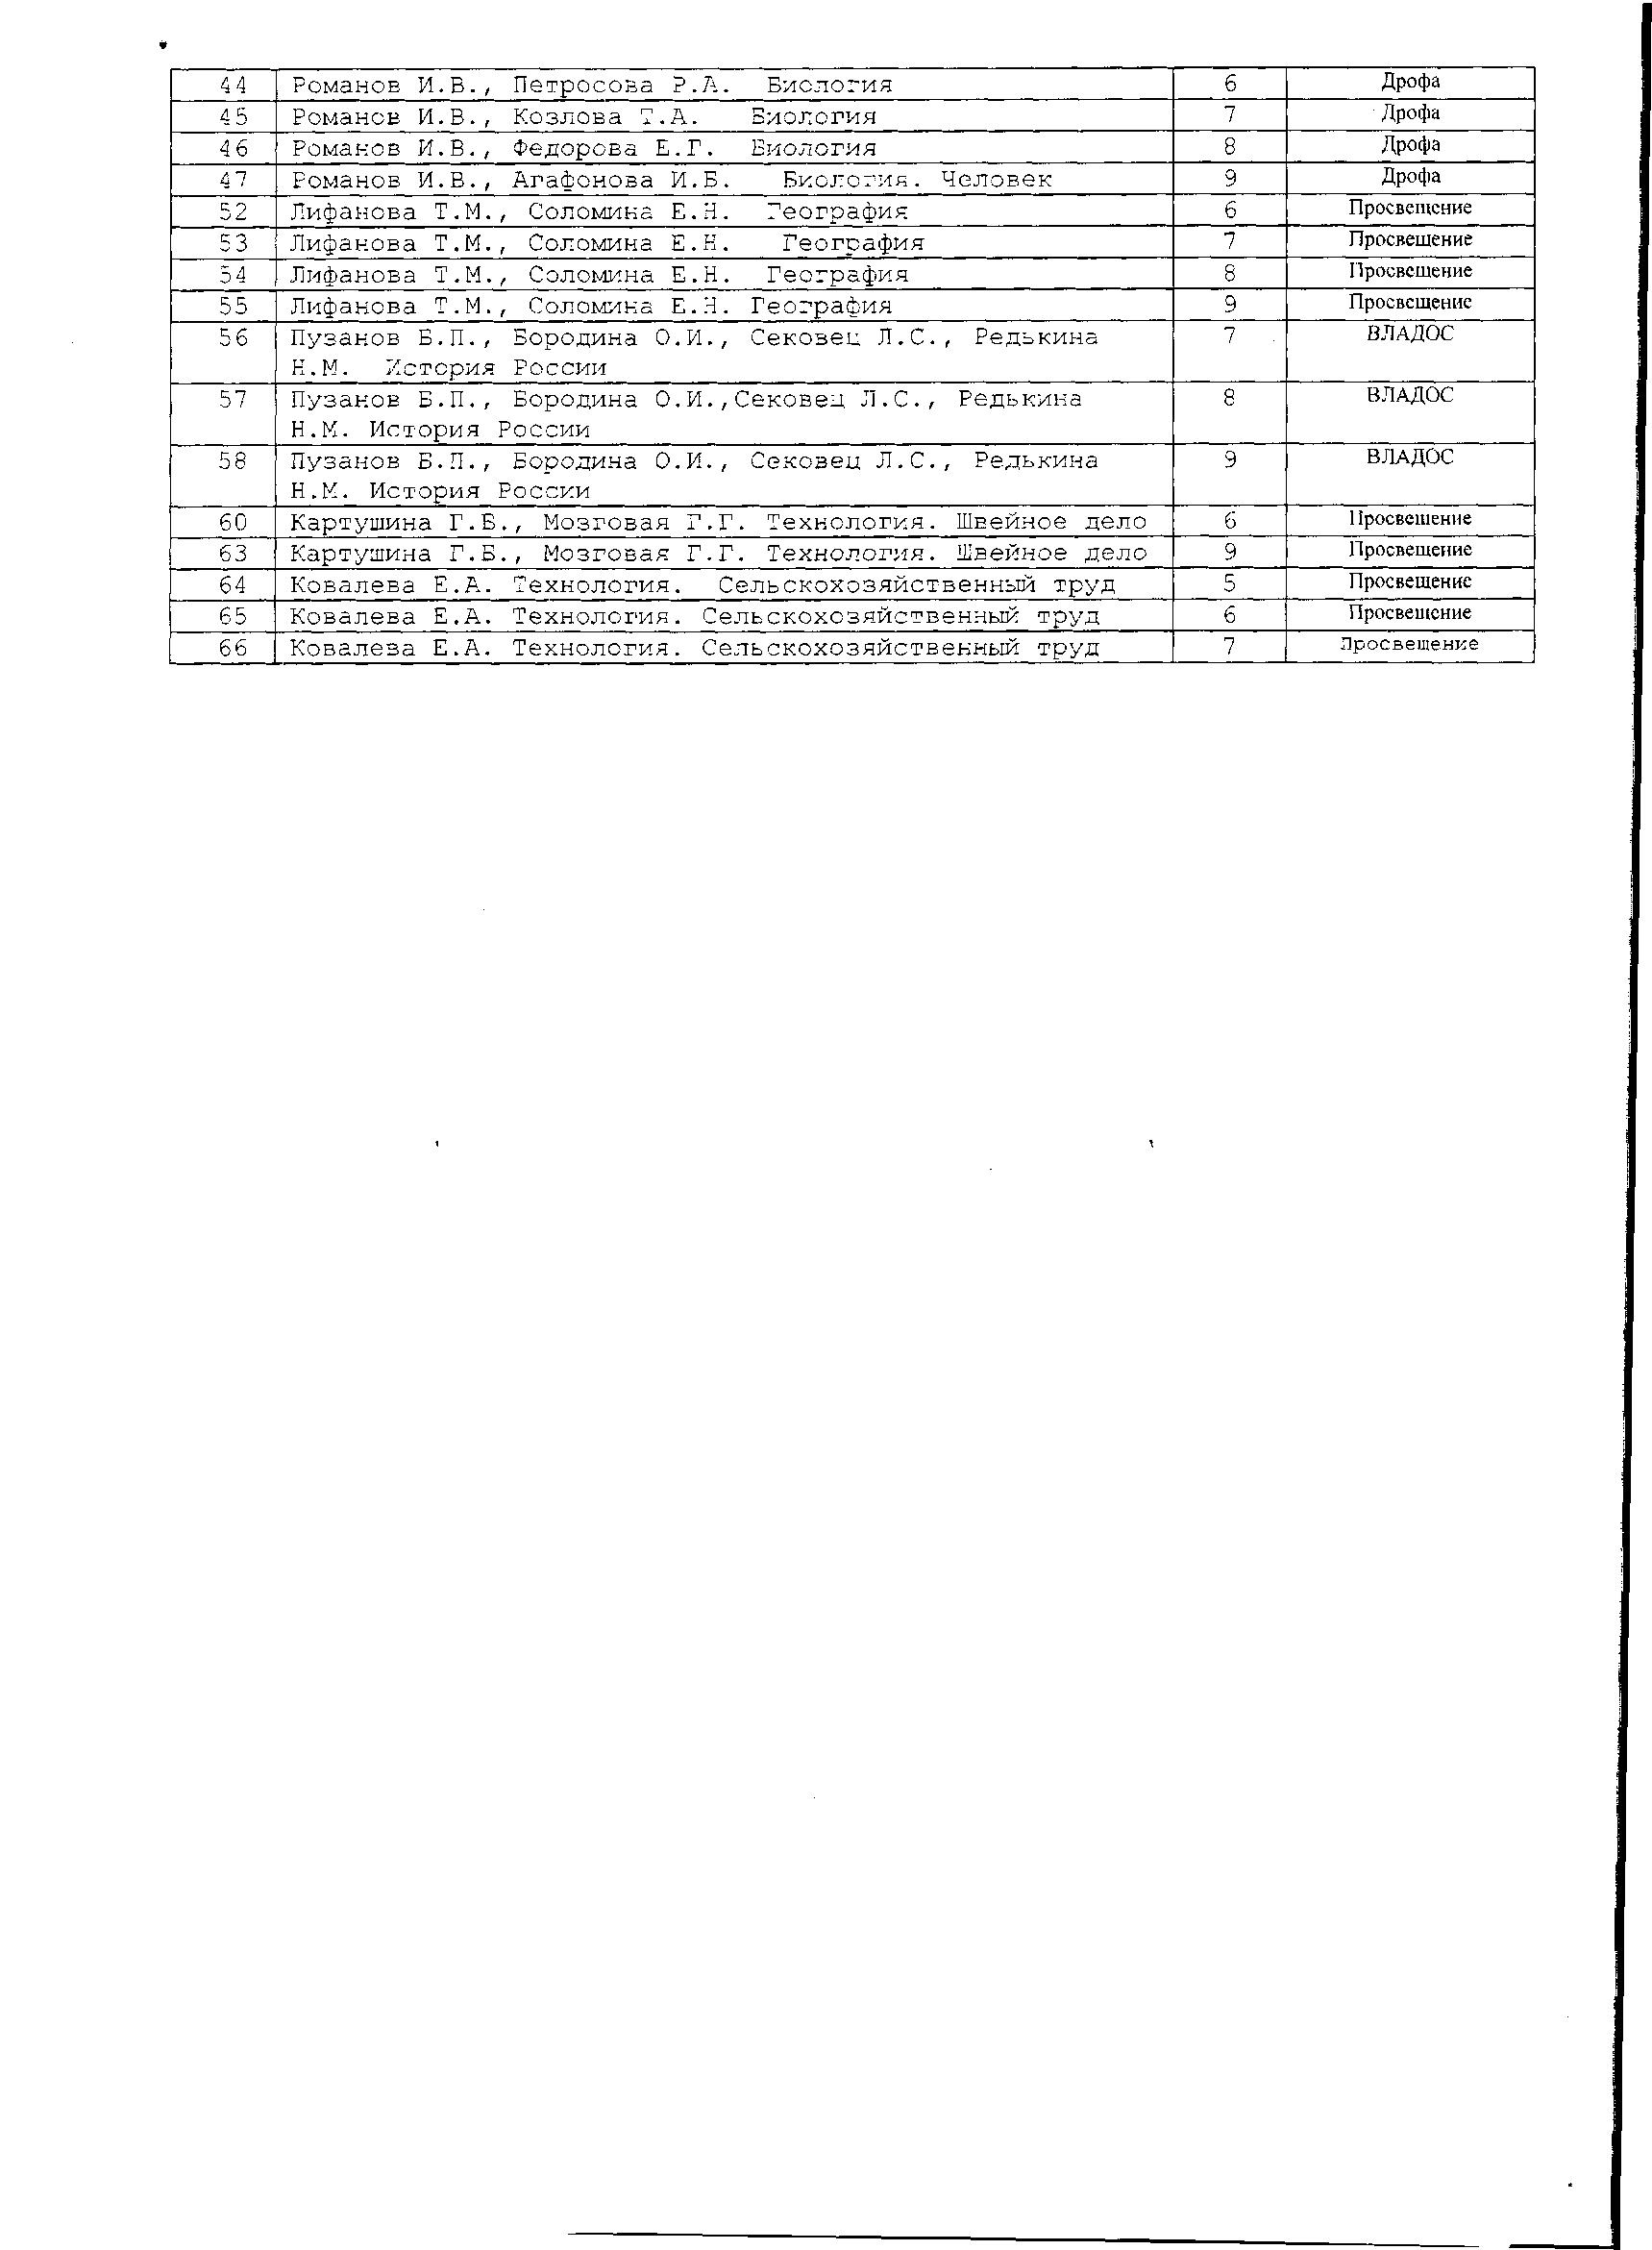 Биология 10 класс рабочая тетрадь т с котик решебник